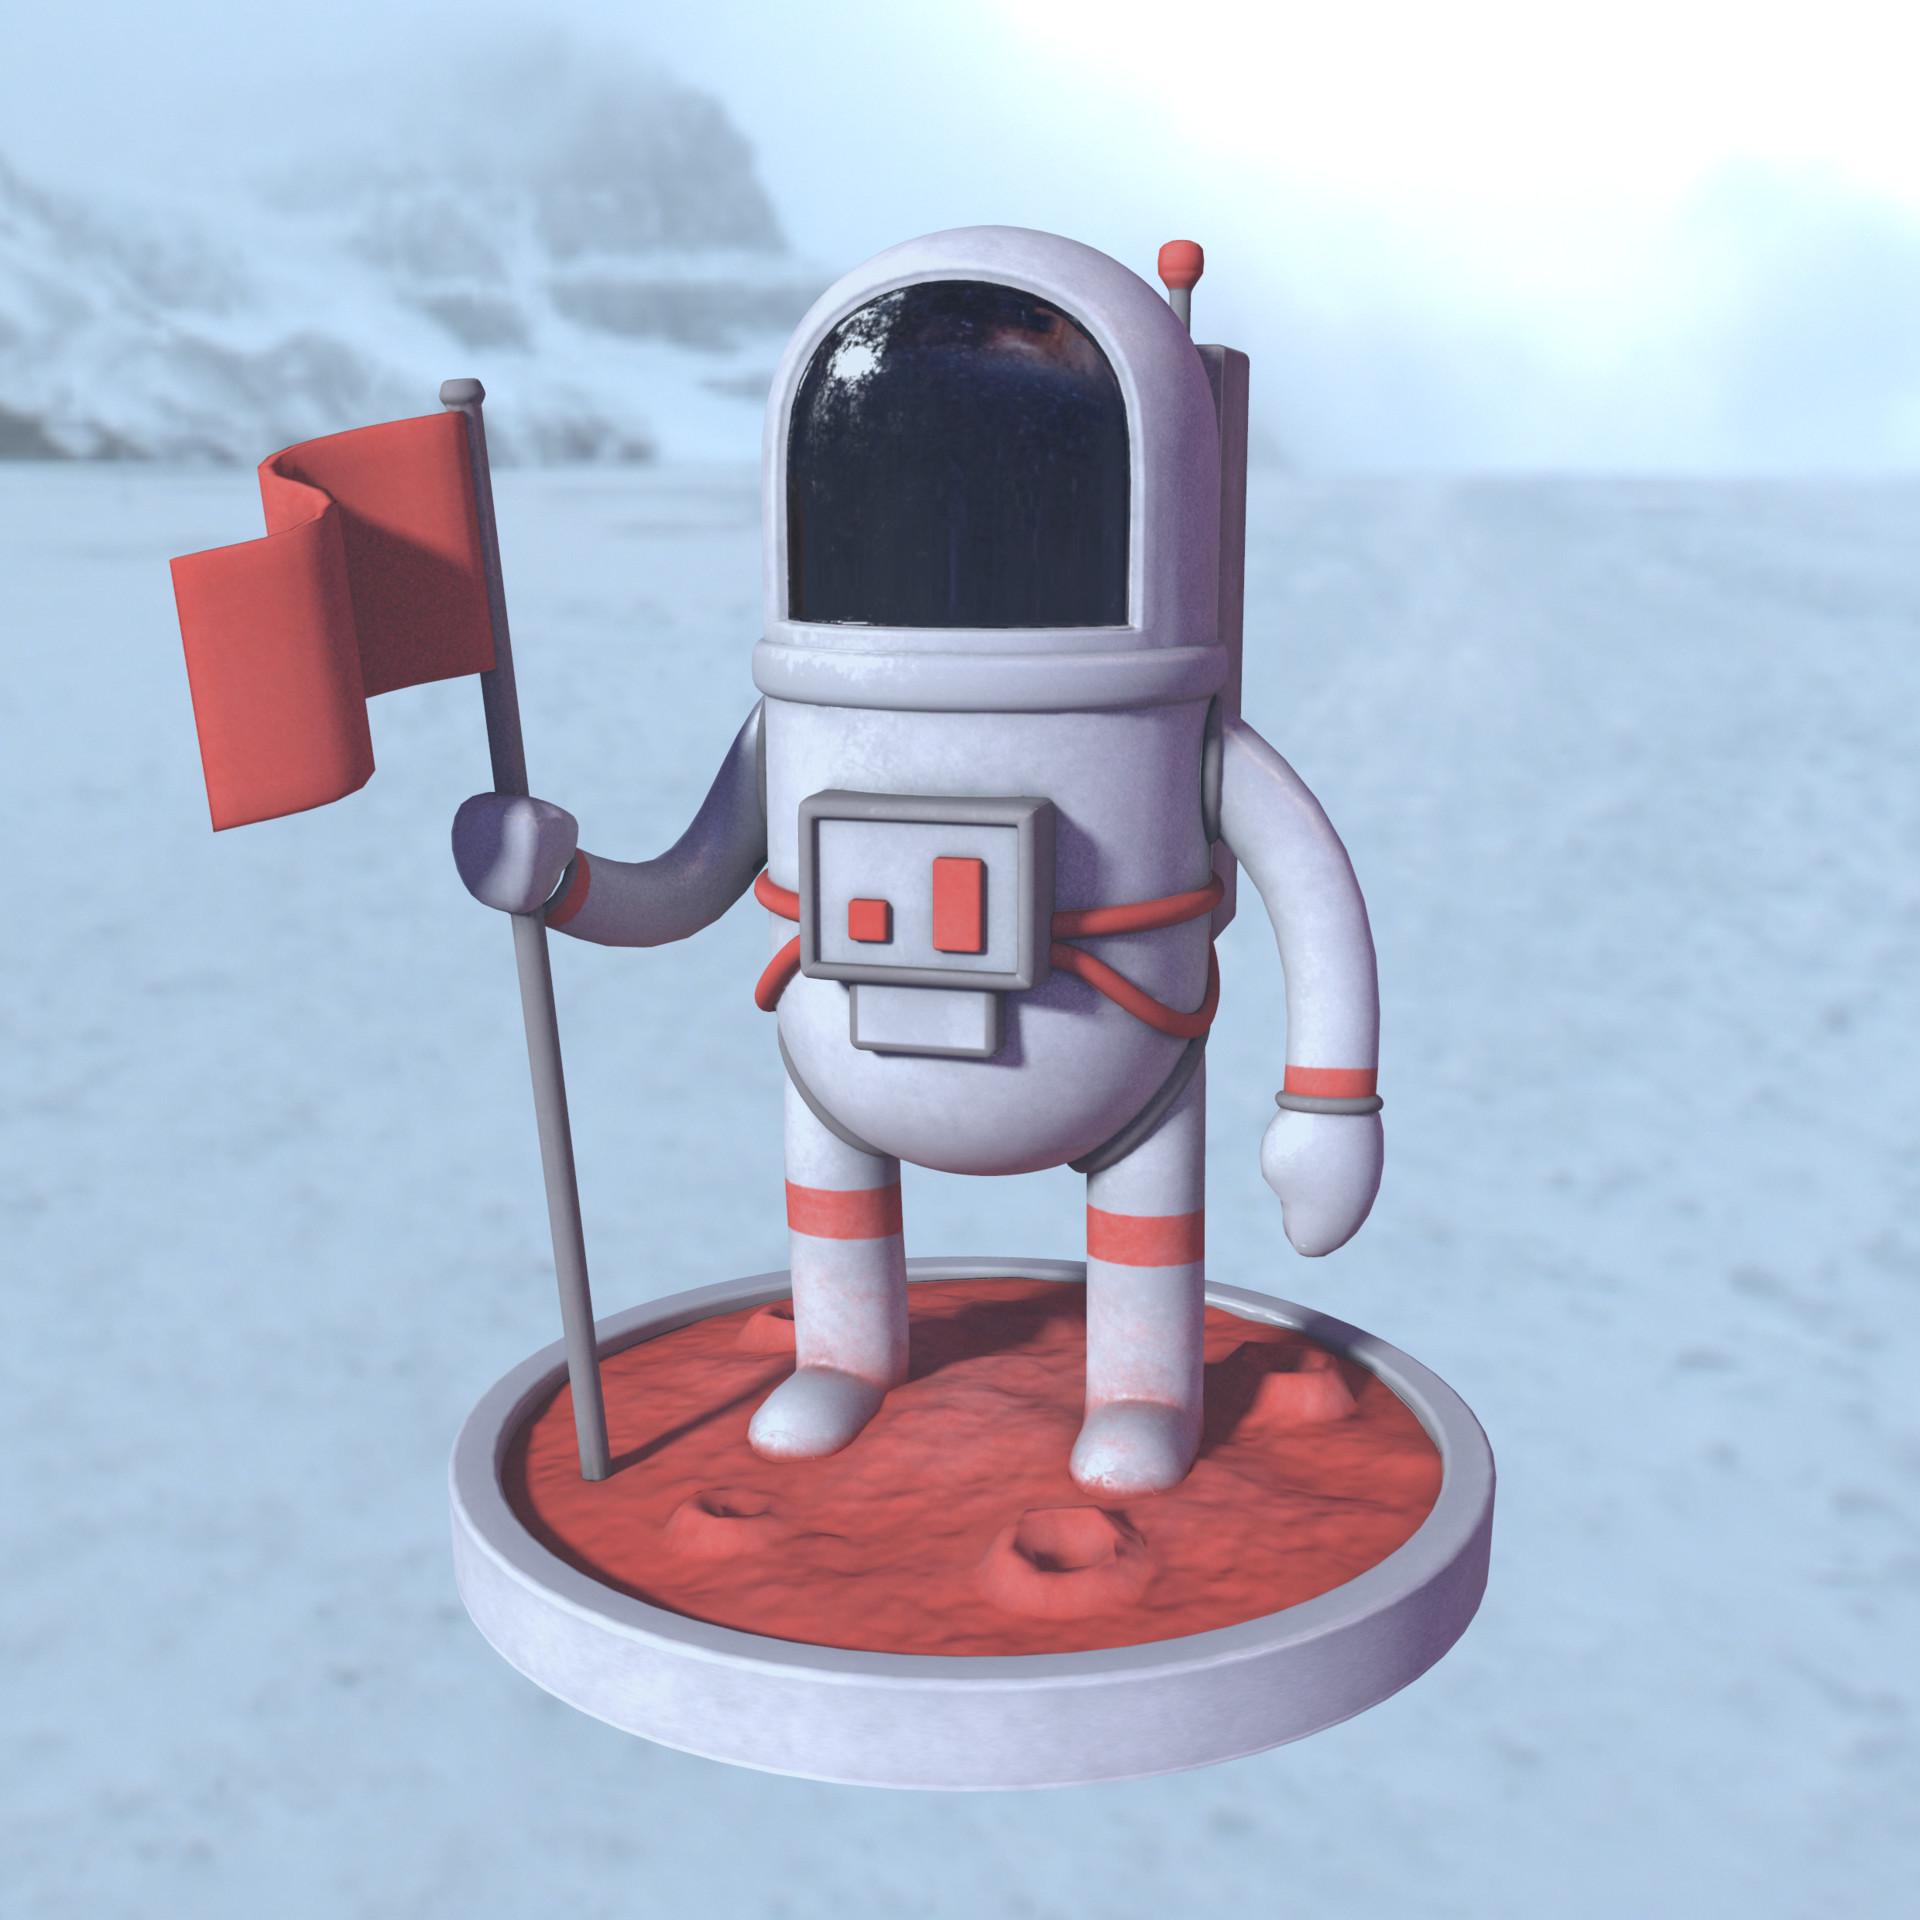 Elias glasch astronaut 01